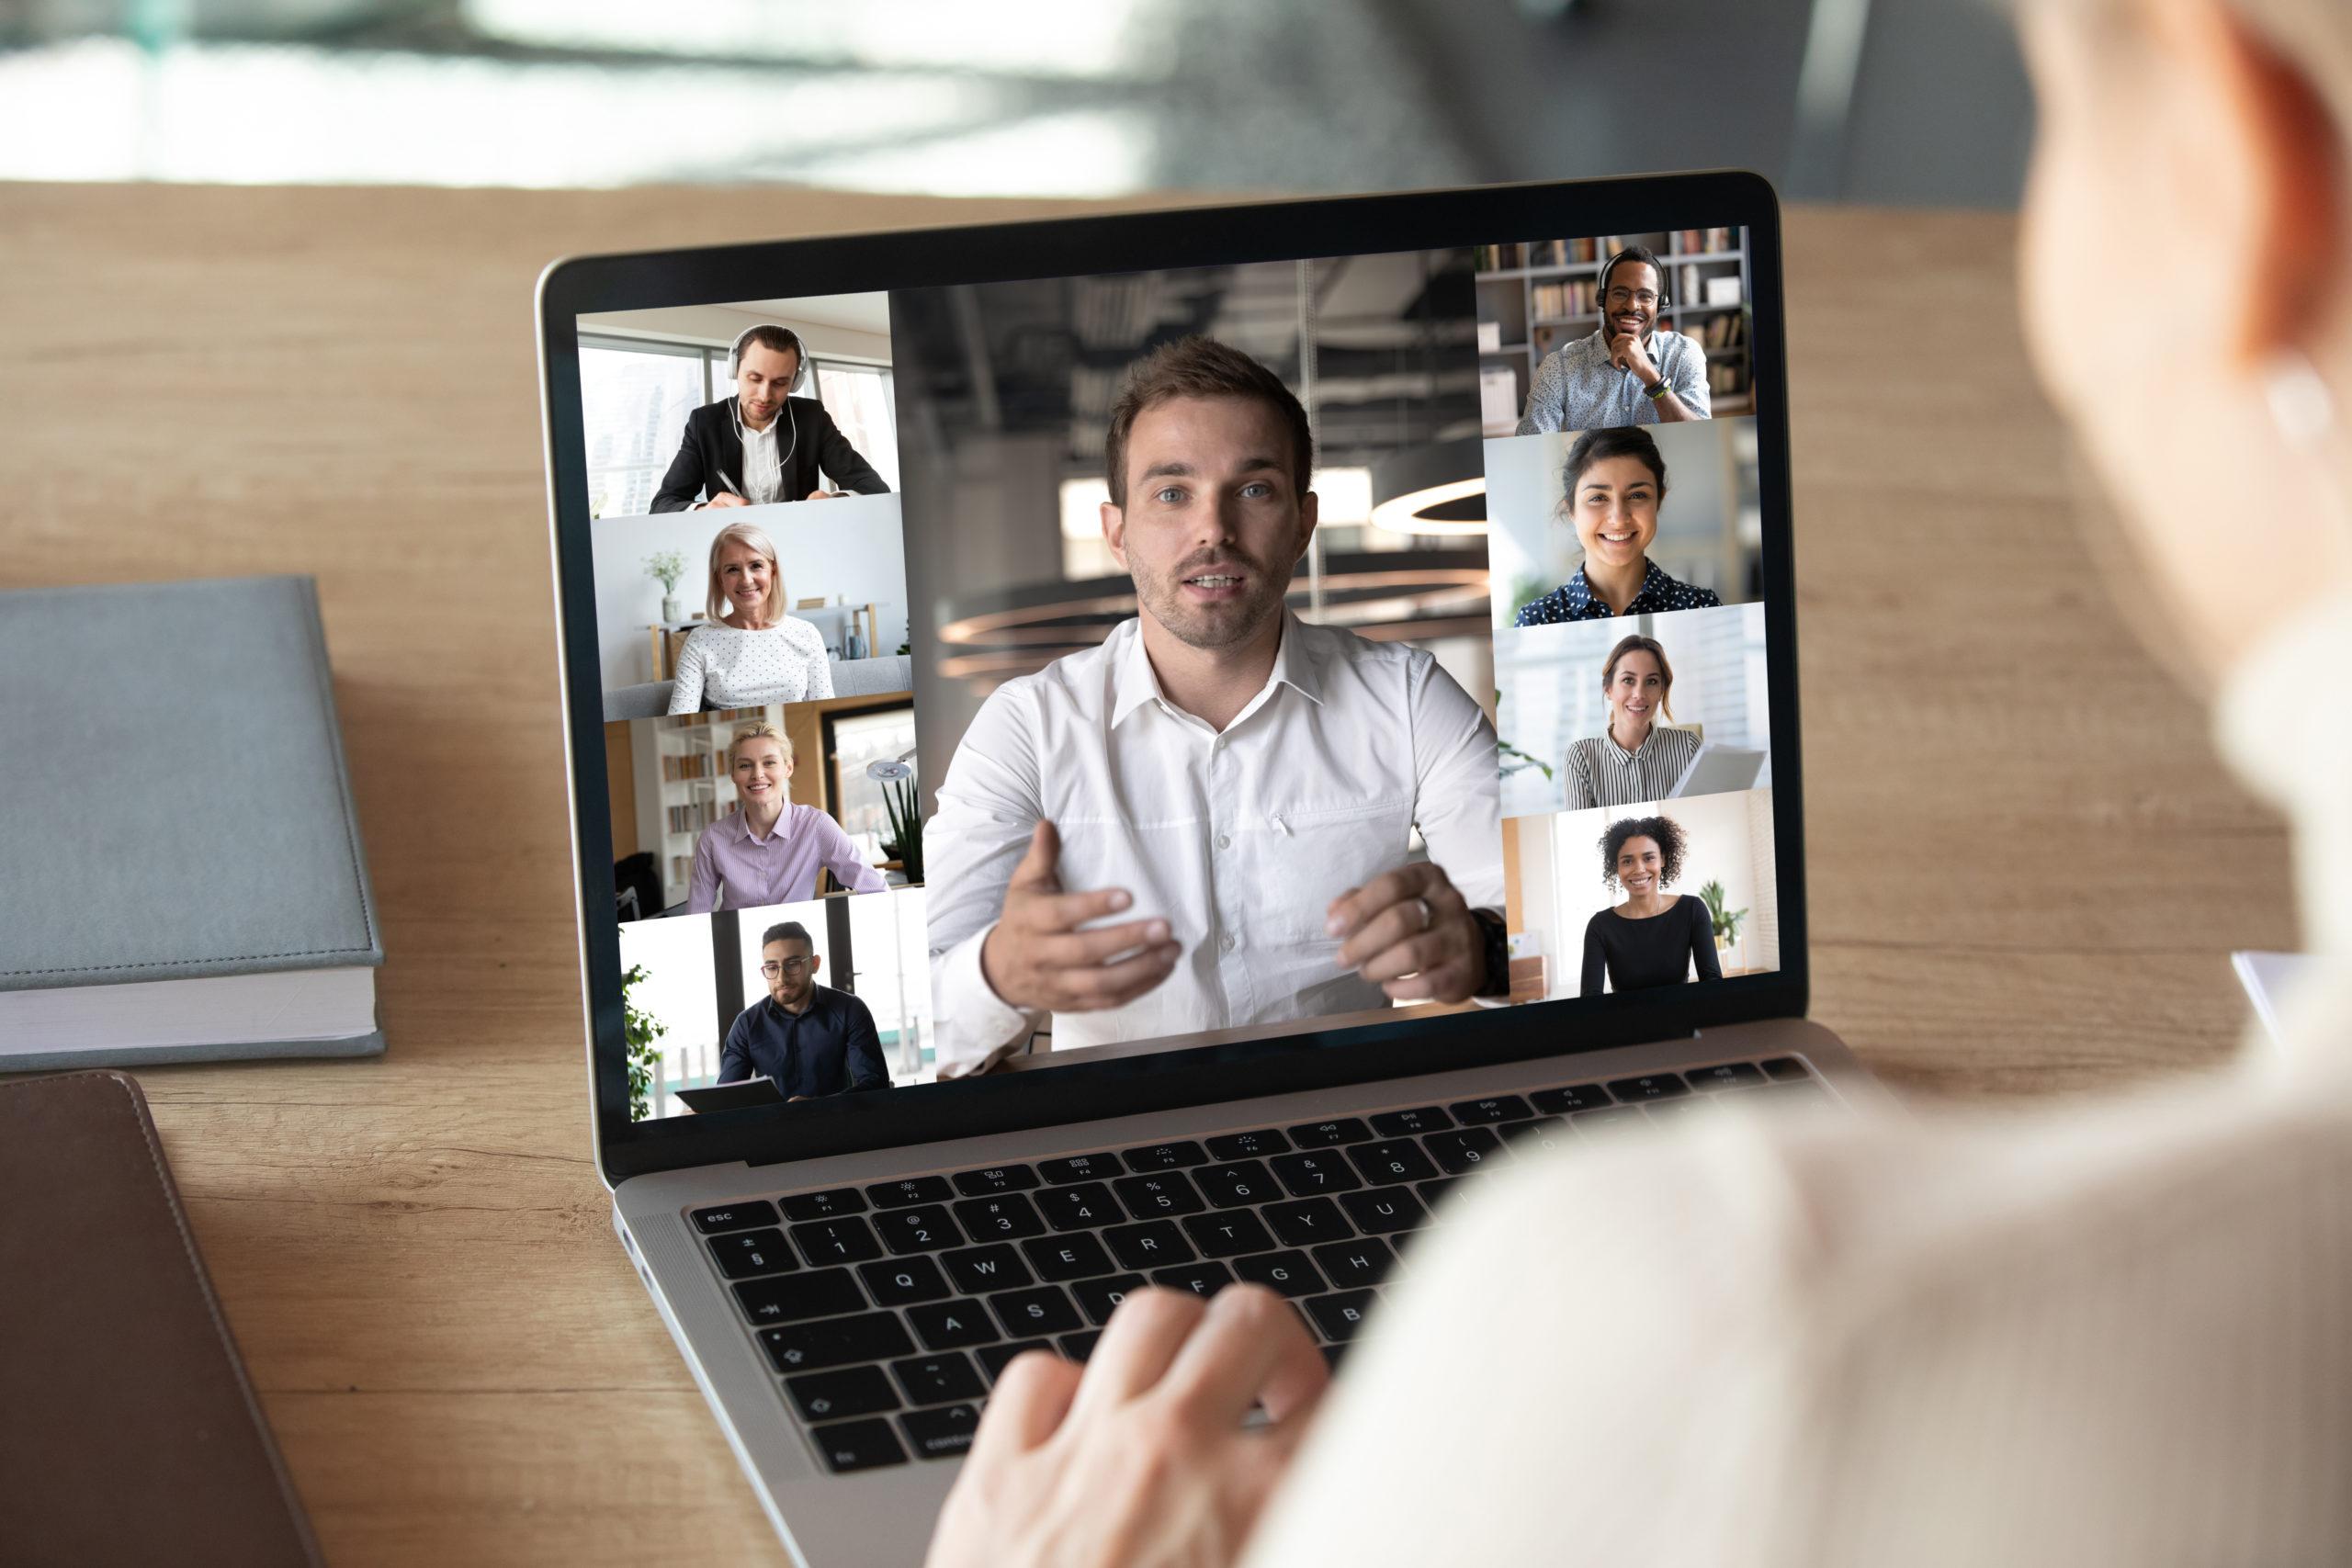 Tietokoneen näytöllä ihmisiä etäkokouksessa.